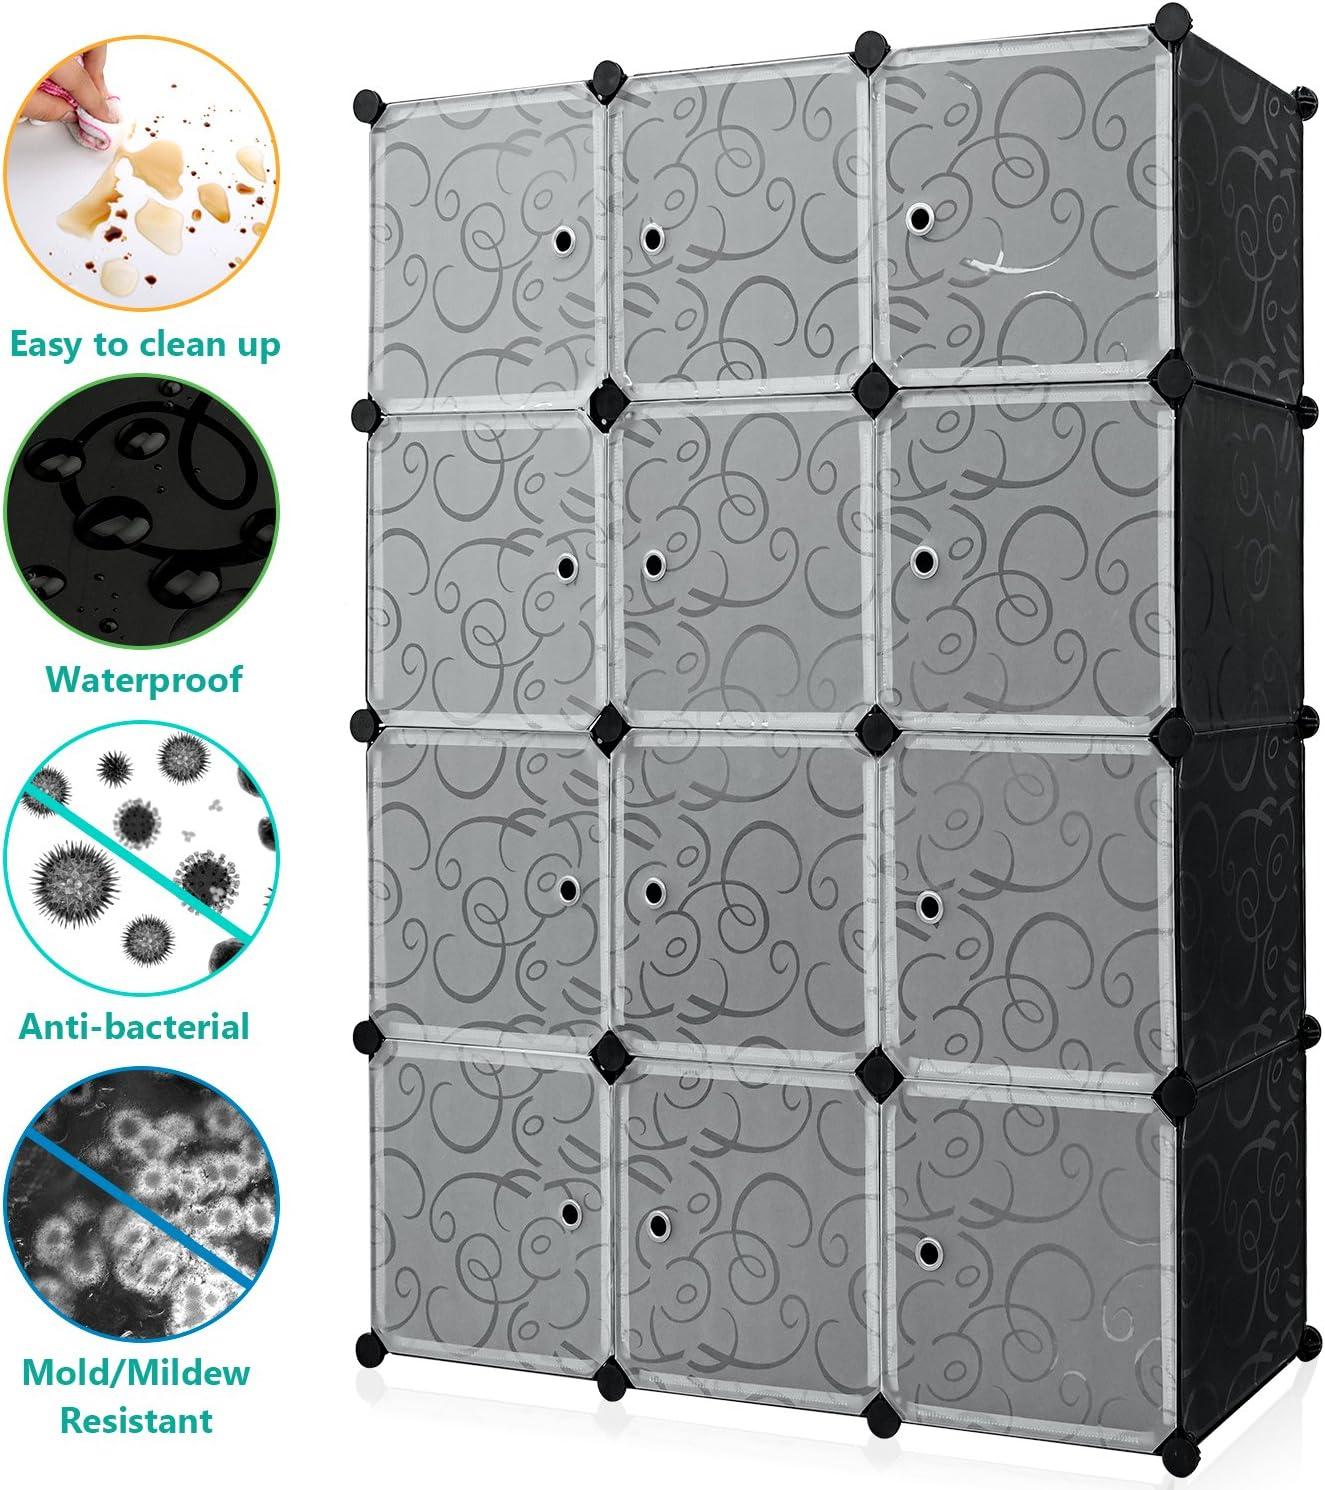 Carttiya Armario Modular Organizador de Plástico de Almacenaje, Rápido para Montar diseño Creativo de Bricolaje Solid PP Eco-Materiales fácil de Limpiar 32.99 * 32.99 cm (Cada Cubo) (12 Cubos): Amazon.es: Juguetes y juegos